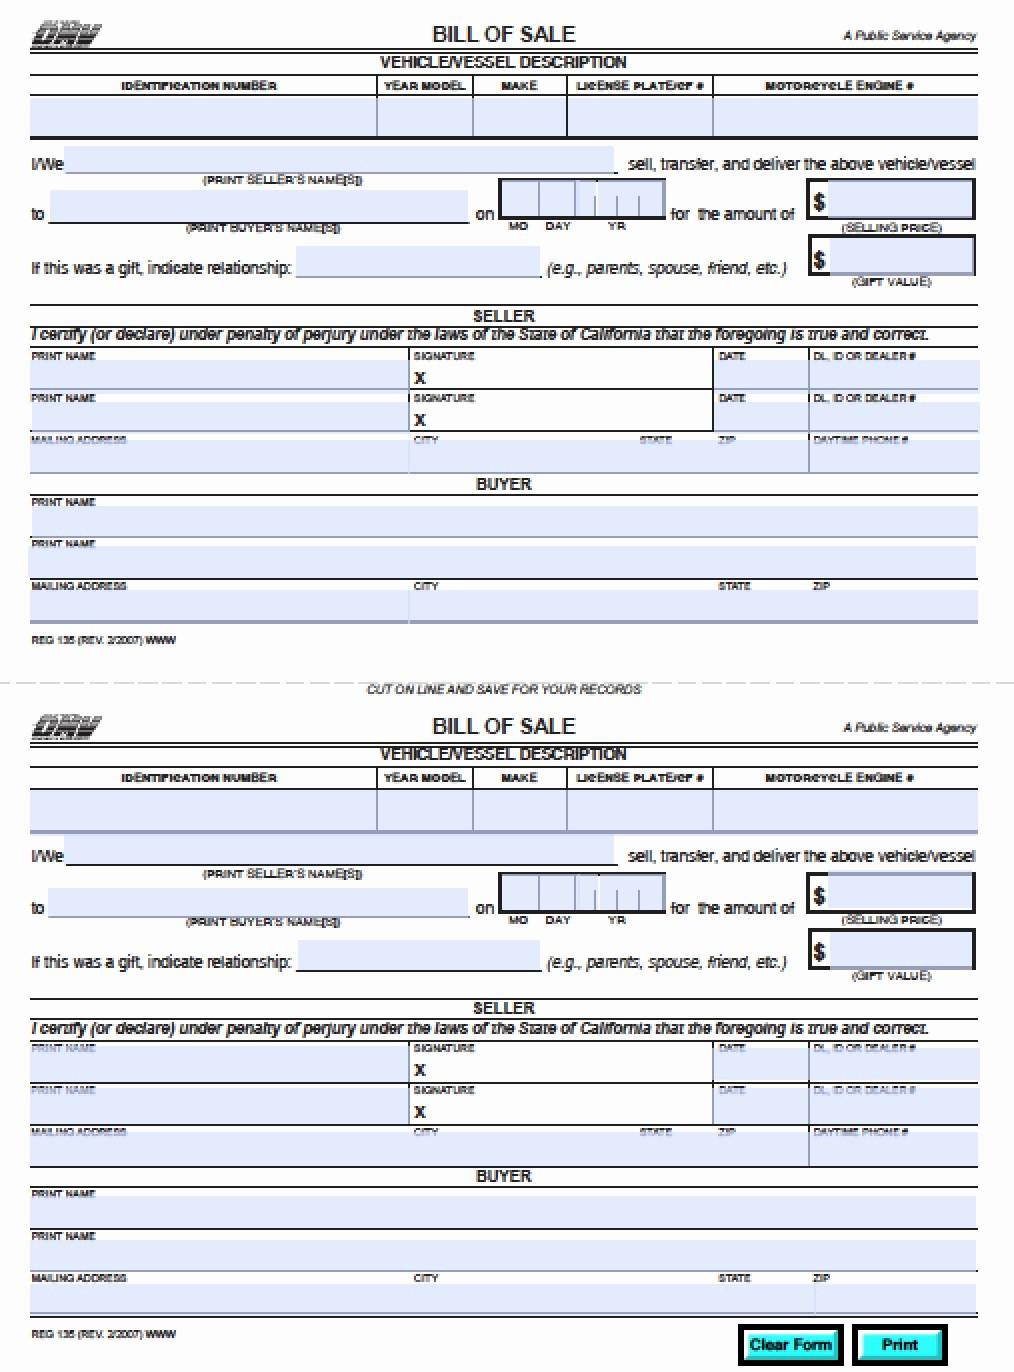 Dmv Bill Of Sell form New Free California Dmv Bill Of Sale Reg 135